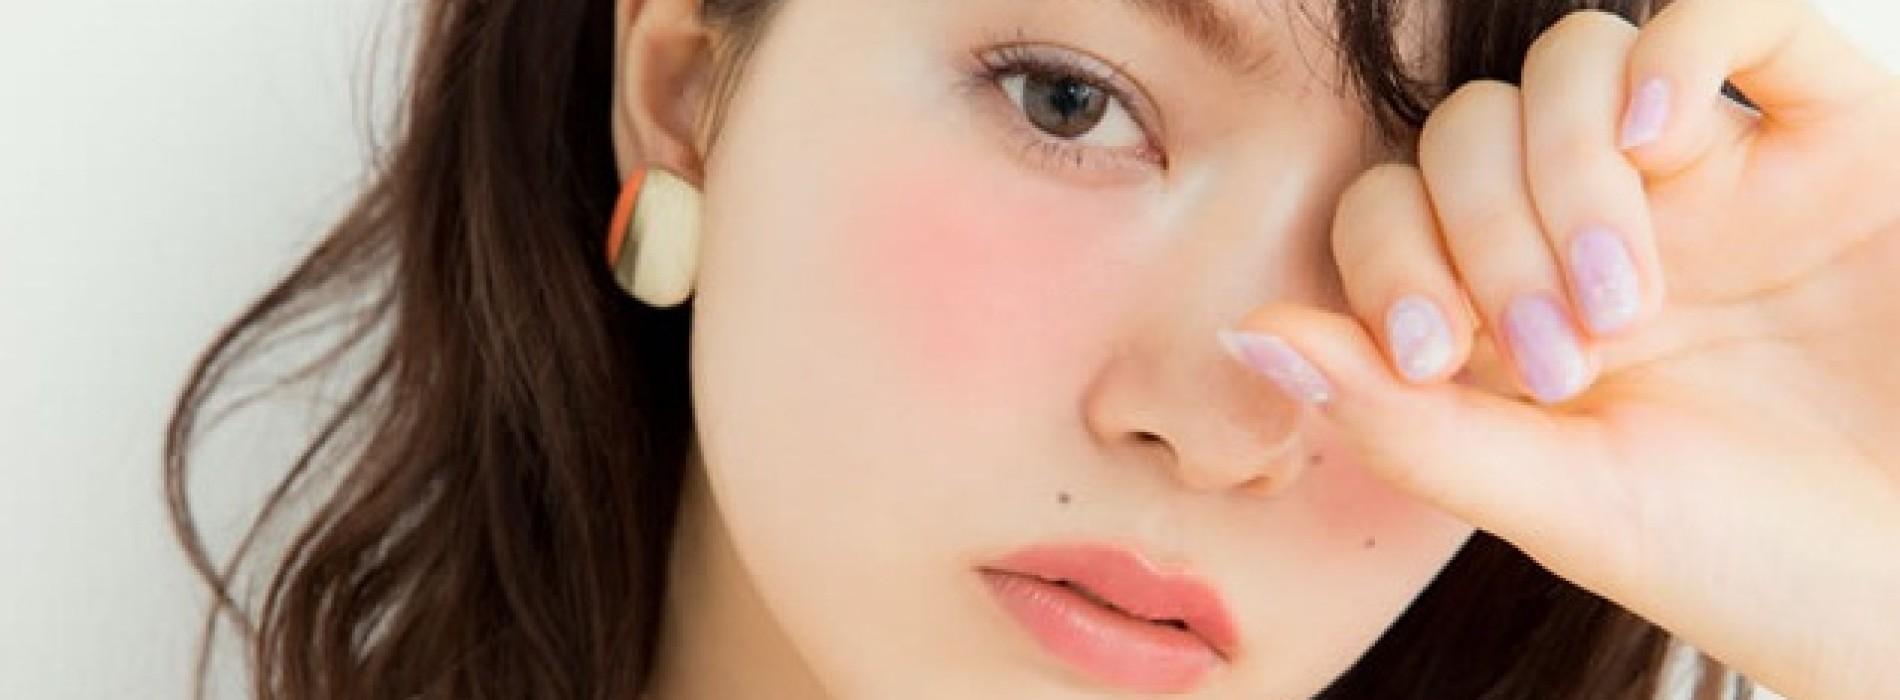 aunque no lo crean la ltima tendencia en belleza en japn es el uchangover makeupud un estilo de maquillaje que da la ilusin de un da despus de la